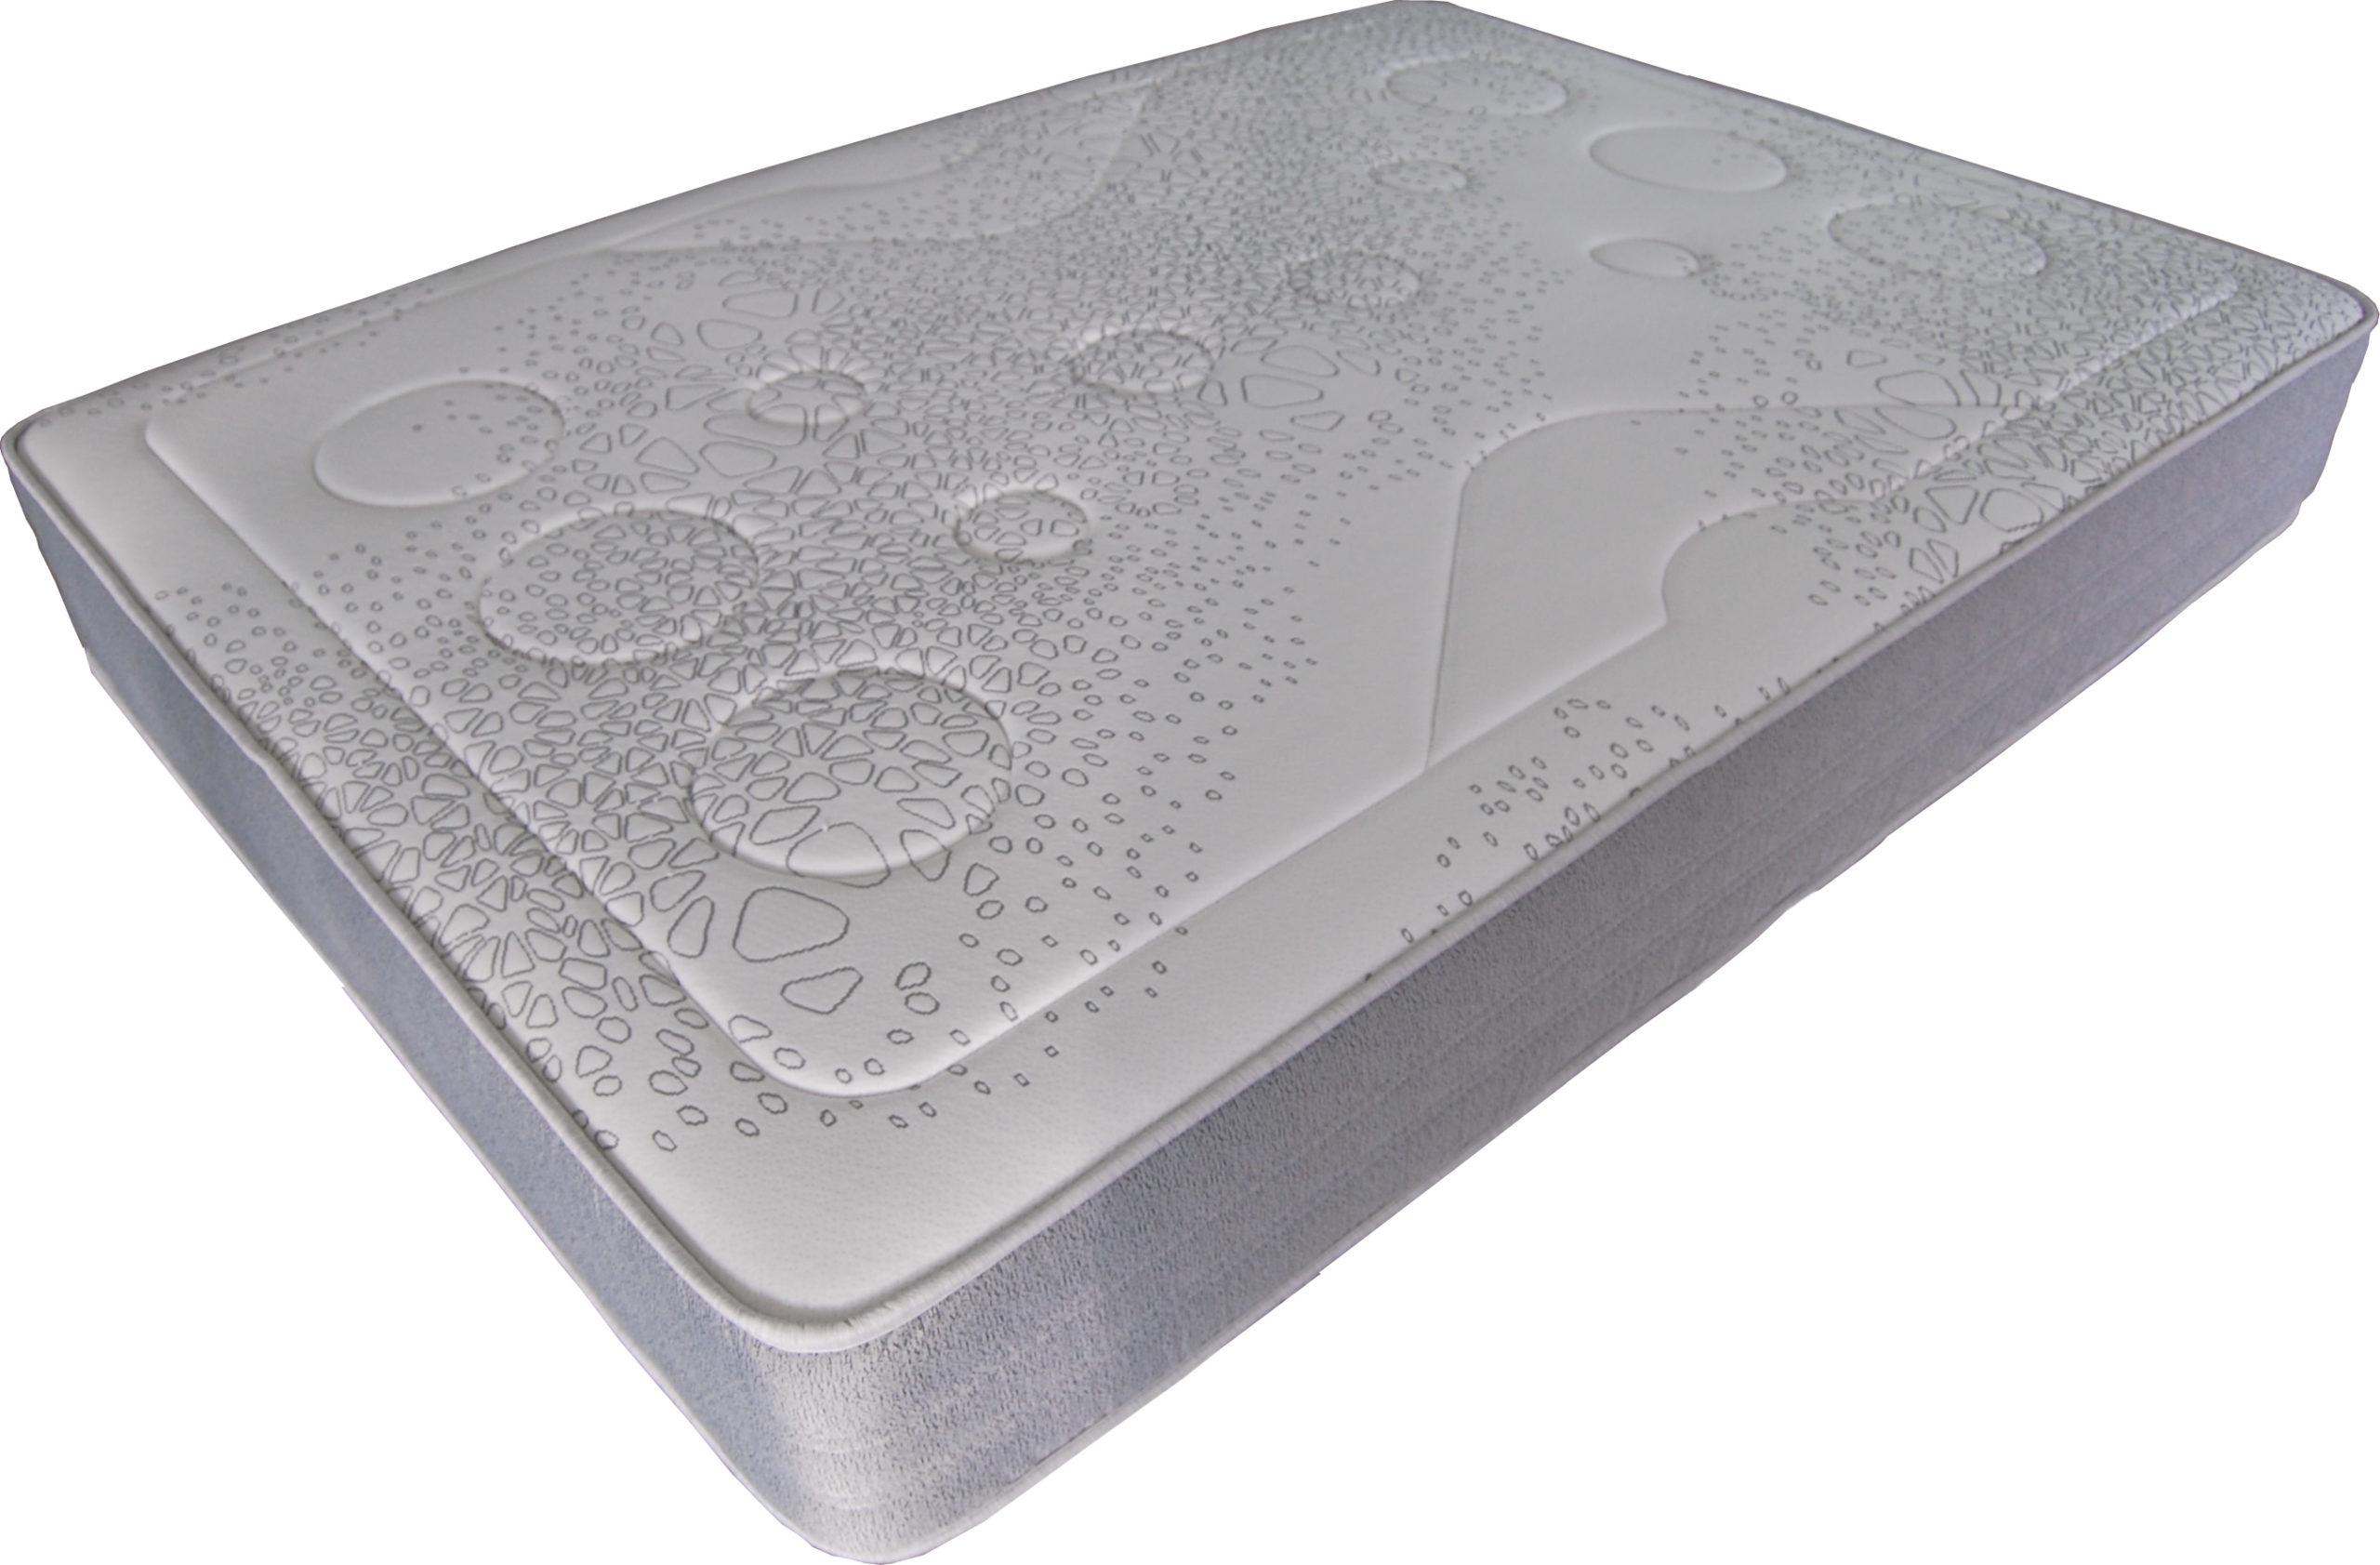 Colchón de muelle ensacado Eco Confort